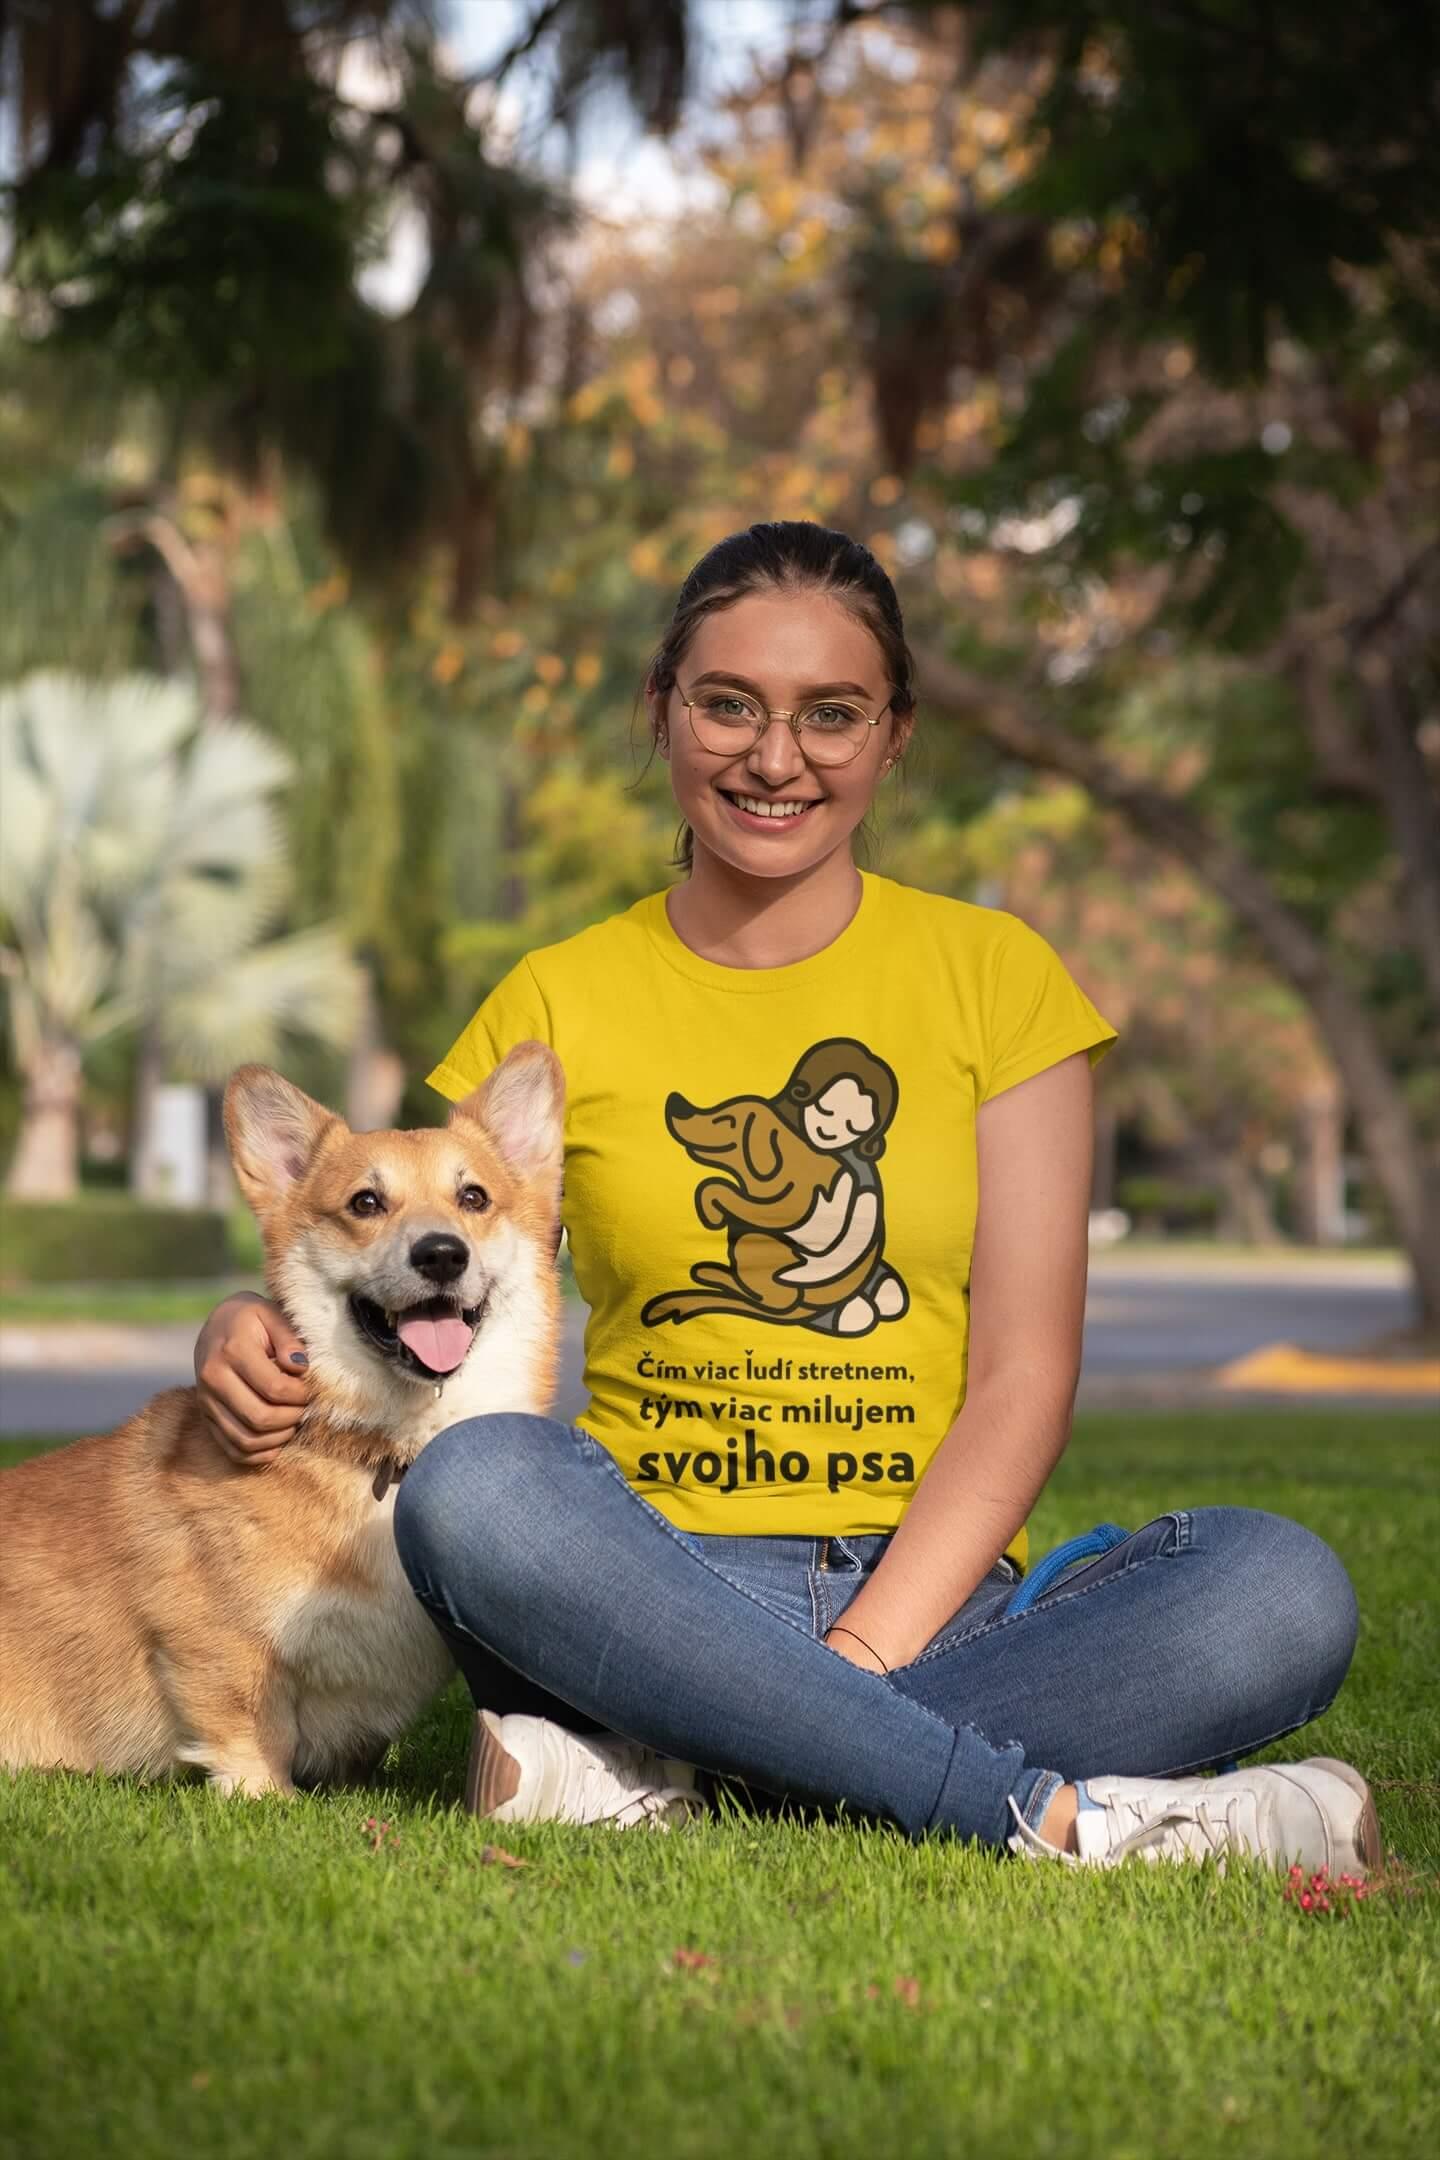 MMO Dámske tričko Milujem svojho psa Vyberte farbu: Žltá, Vyberte veľkosť: XS